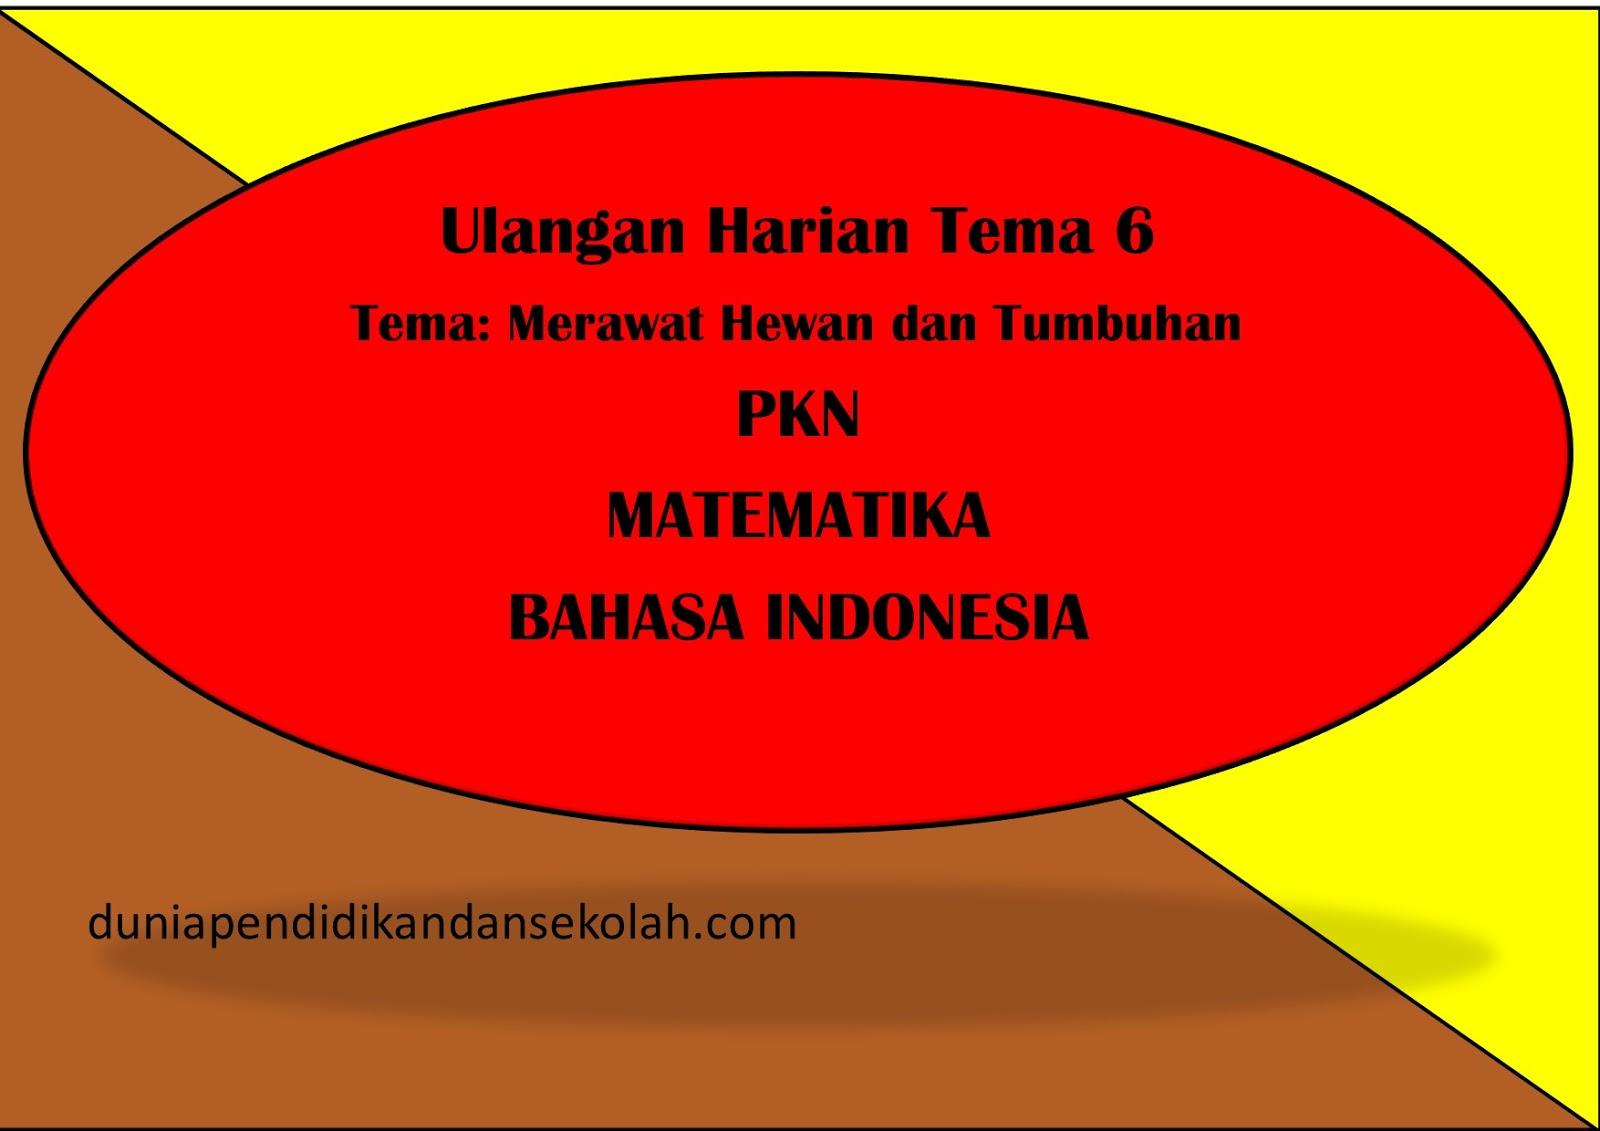 Contoh Soal Ulangan Harian Tema 6 Kelas 2 Sd Pkn Matematika Bahasa Indonesia Dunia Pendidikan